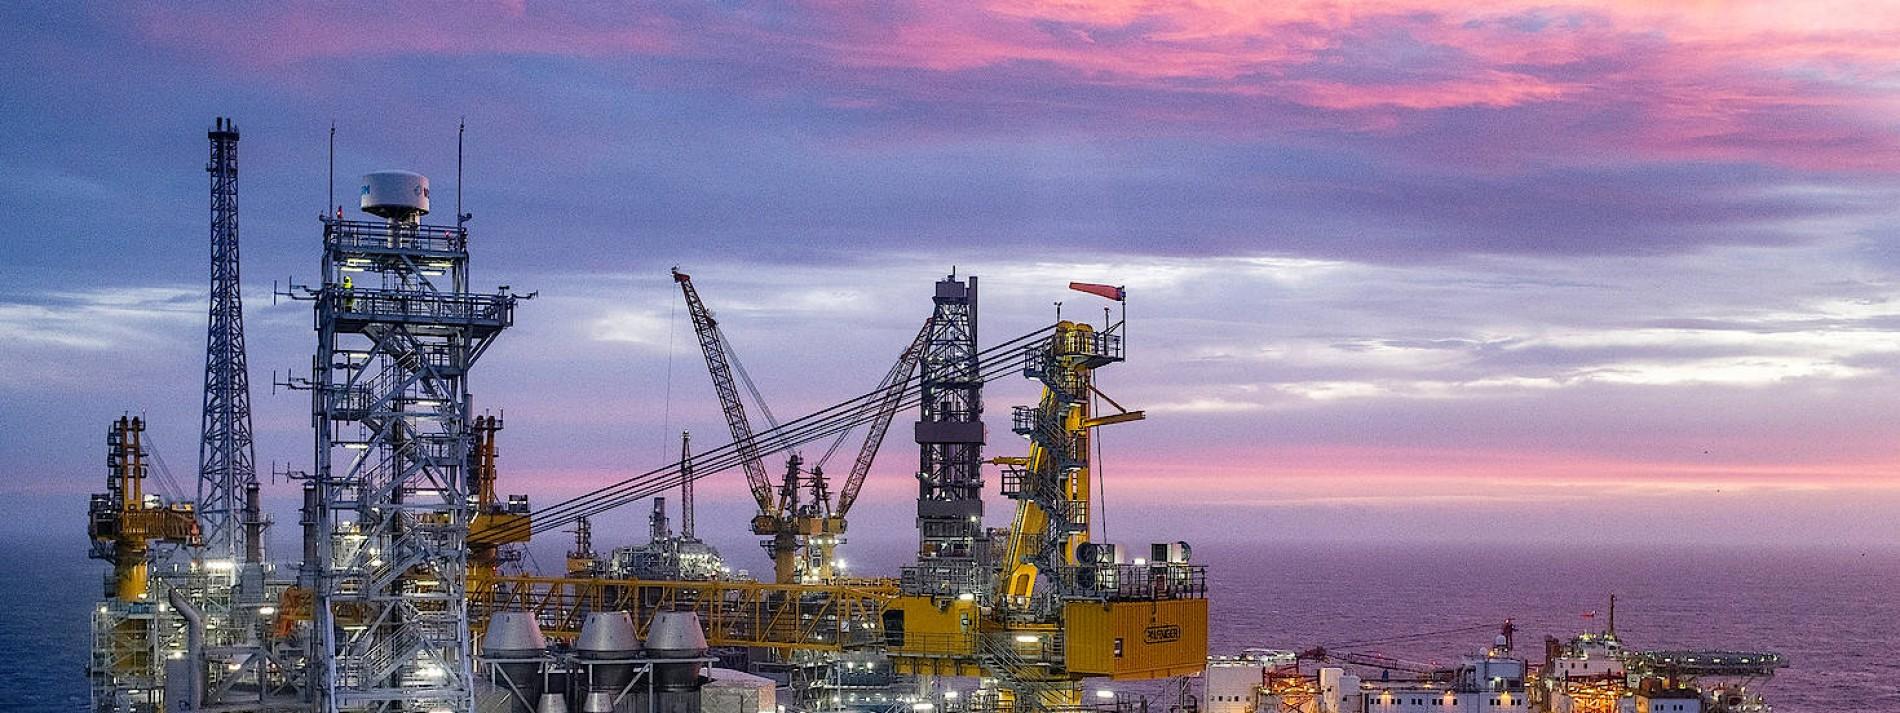 Treibt das Shell-Urteil den Ölpreis jetzt doch hoch?